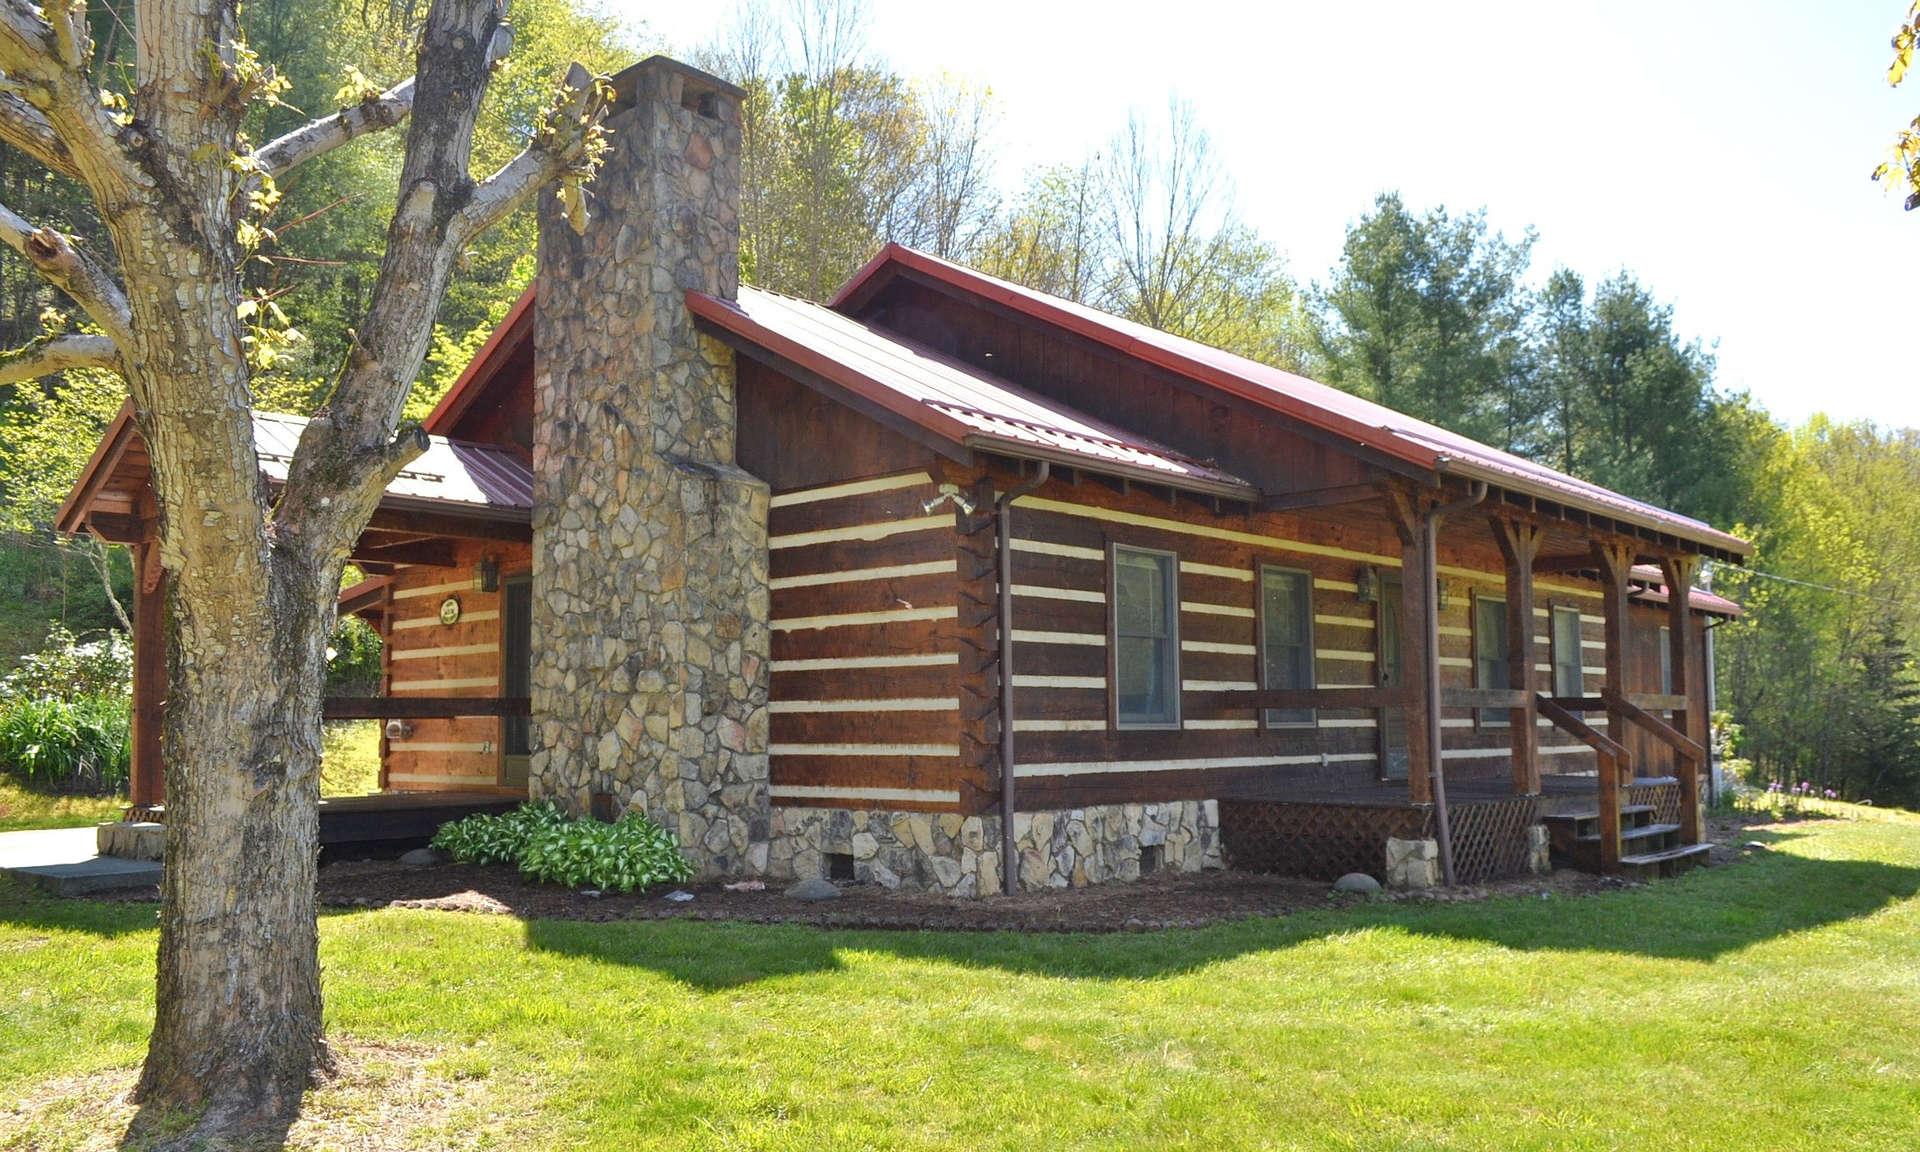 mountain-log-cabin-nc-52091d75c27acd0f1c9b08b831bd2167.jpg